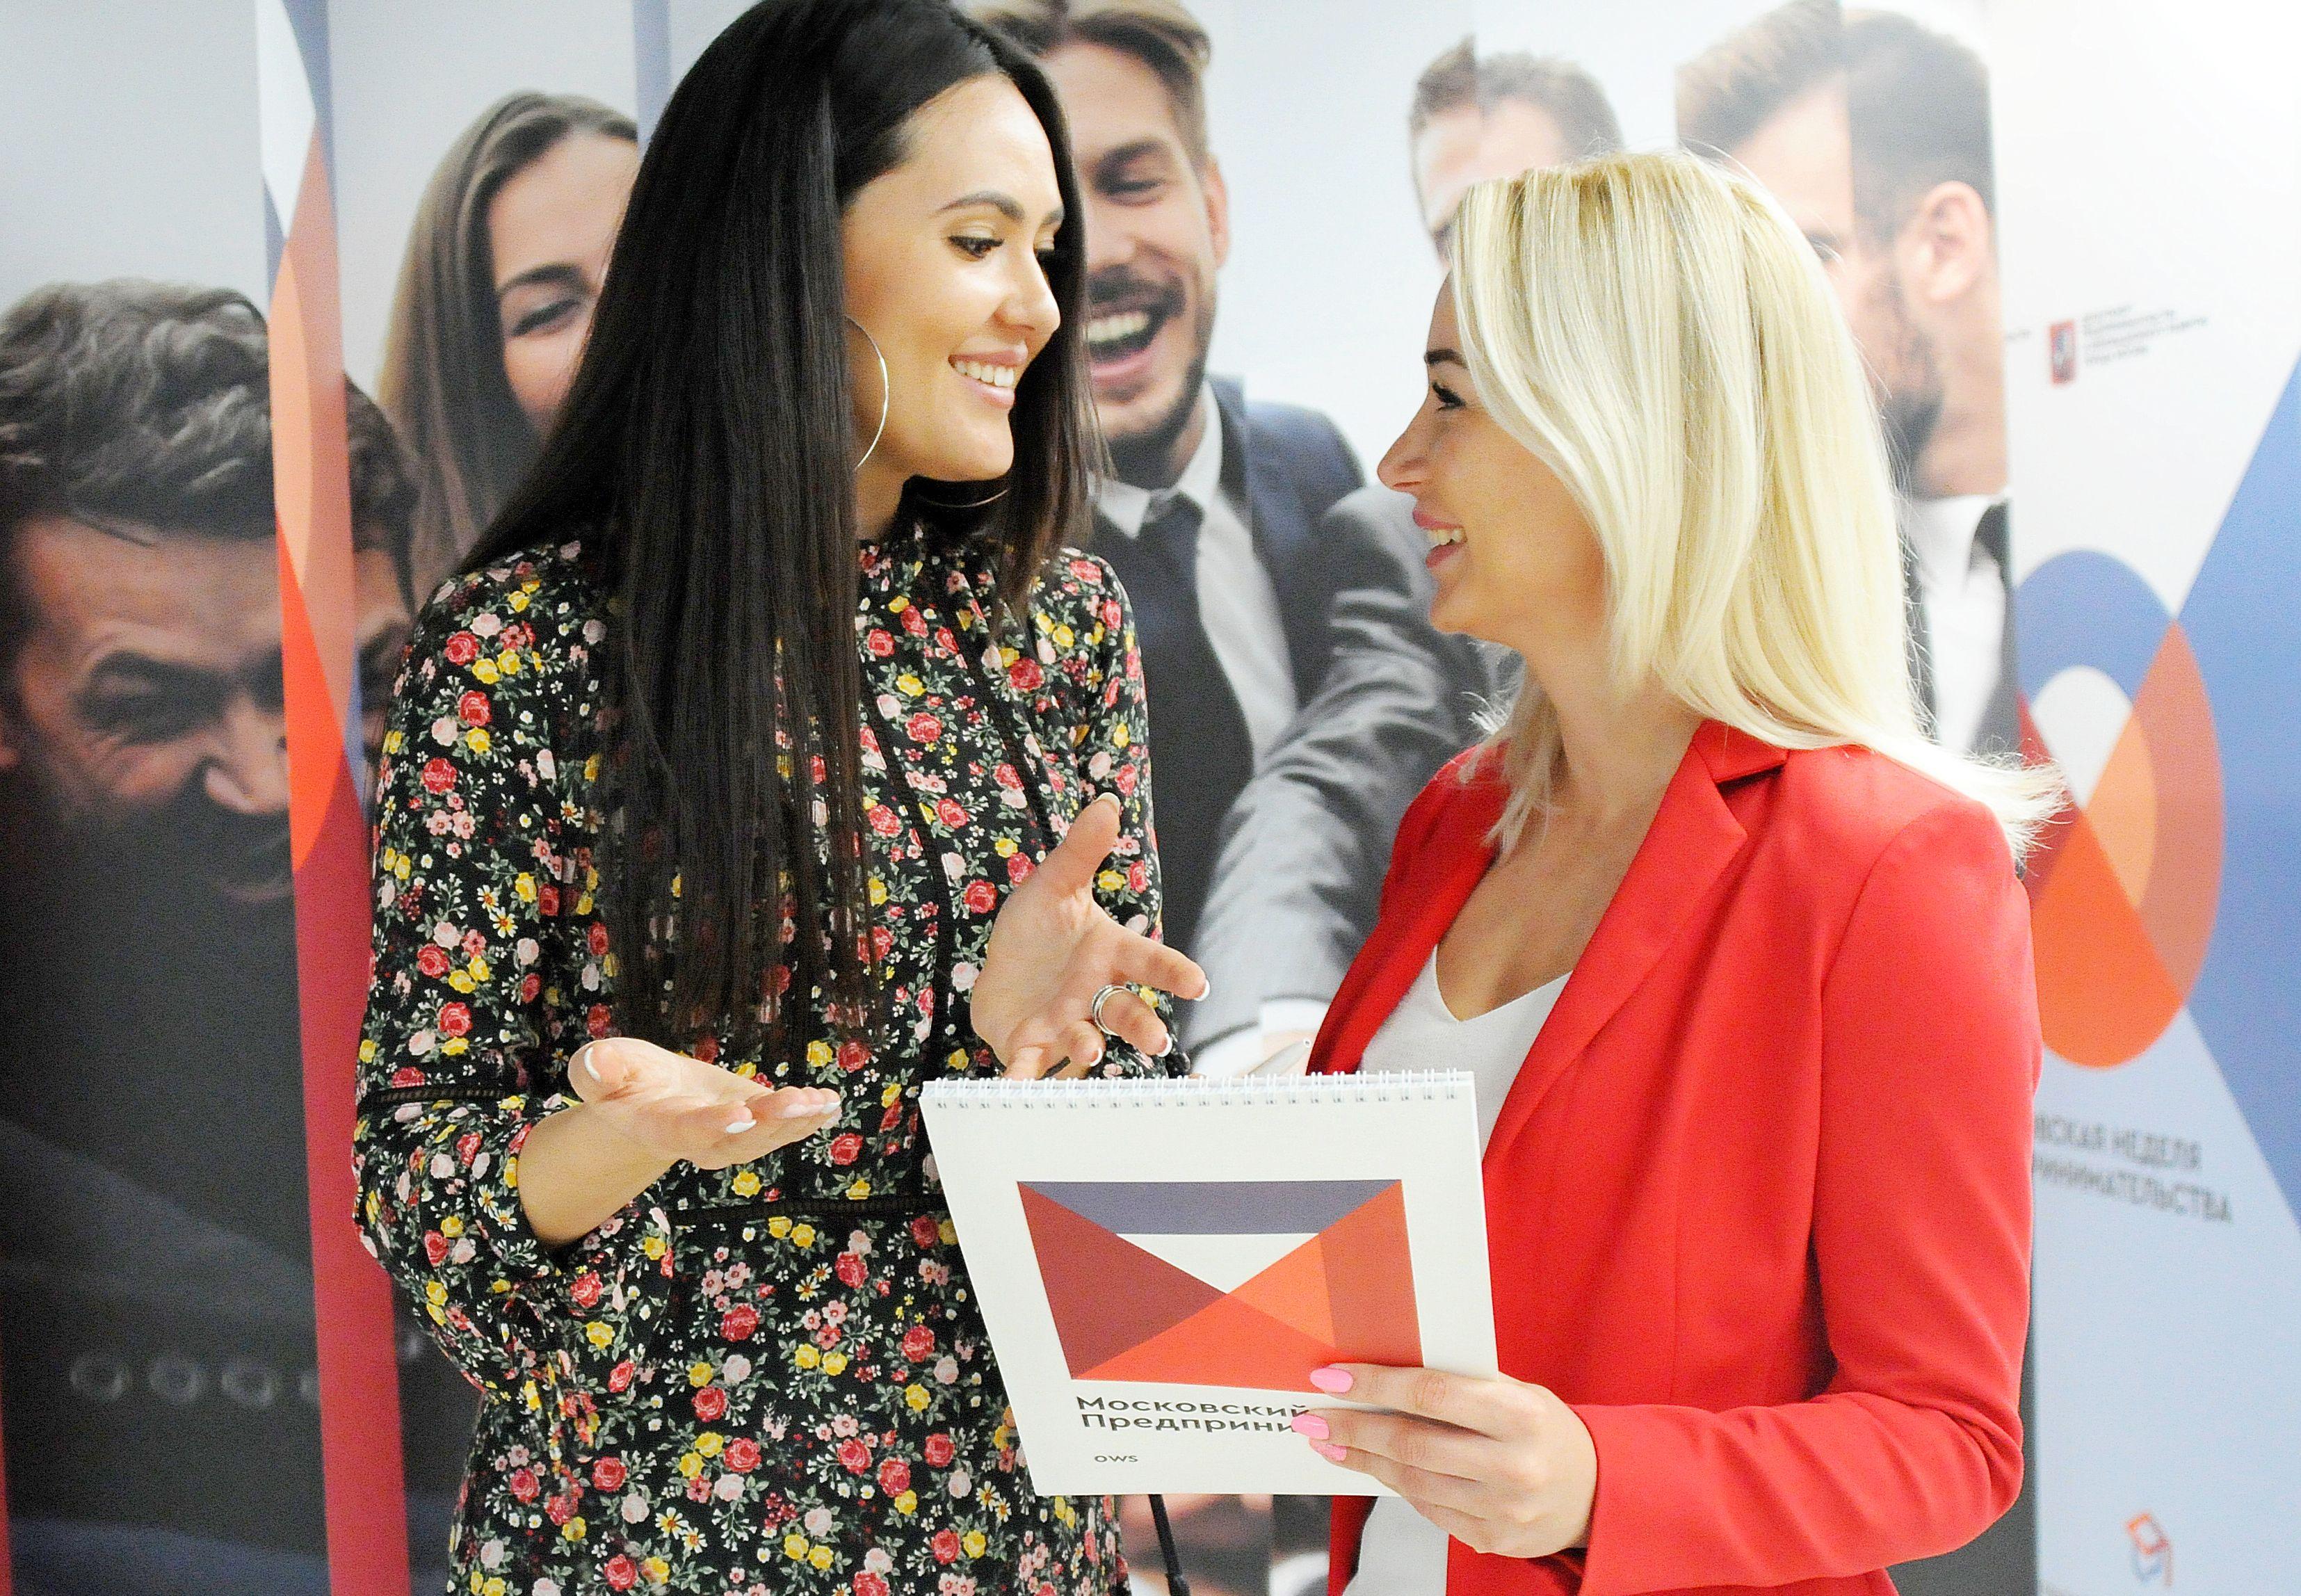 Москвичи выберут темы для молодежного форума предпринимателей